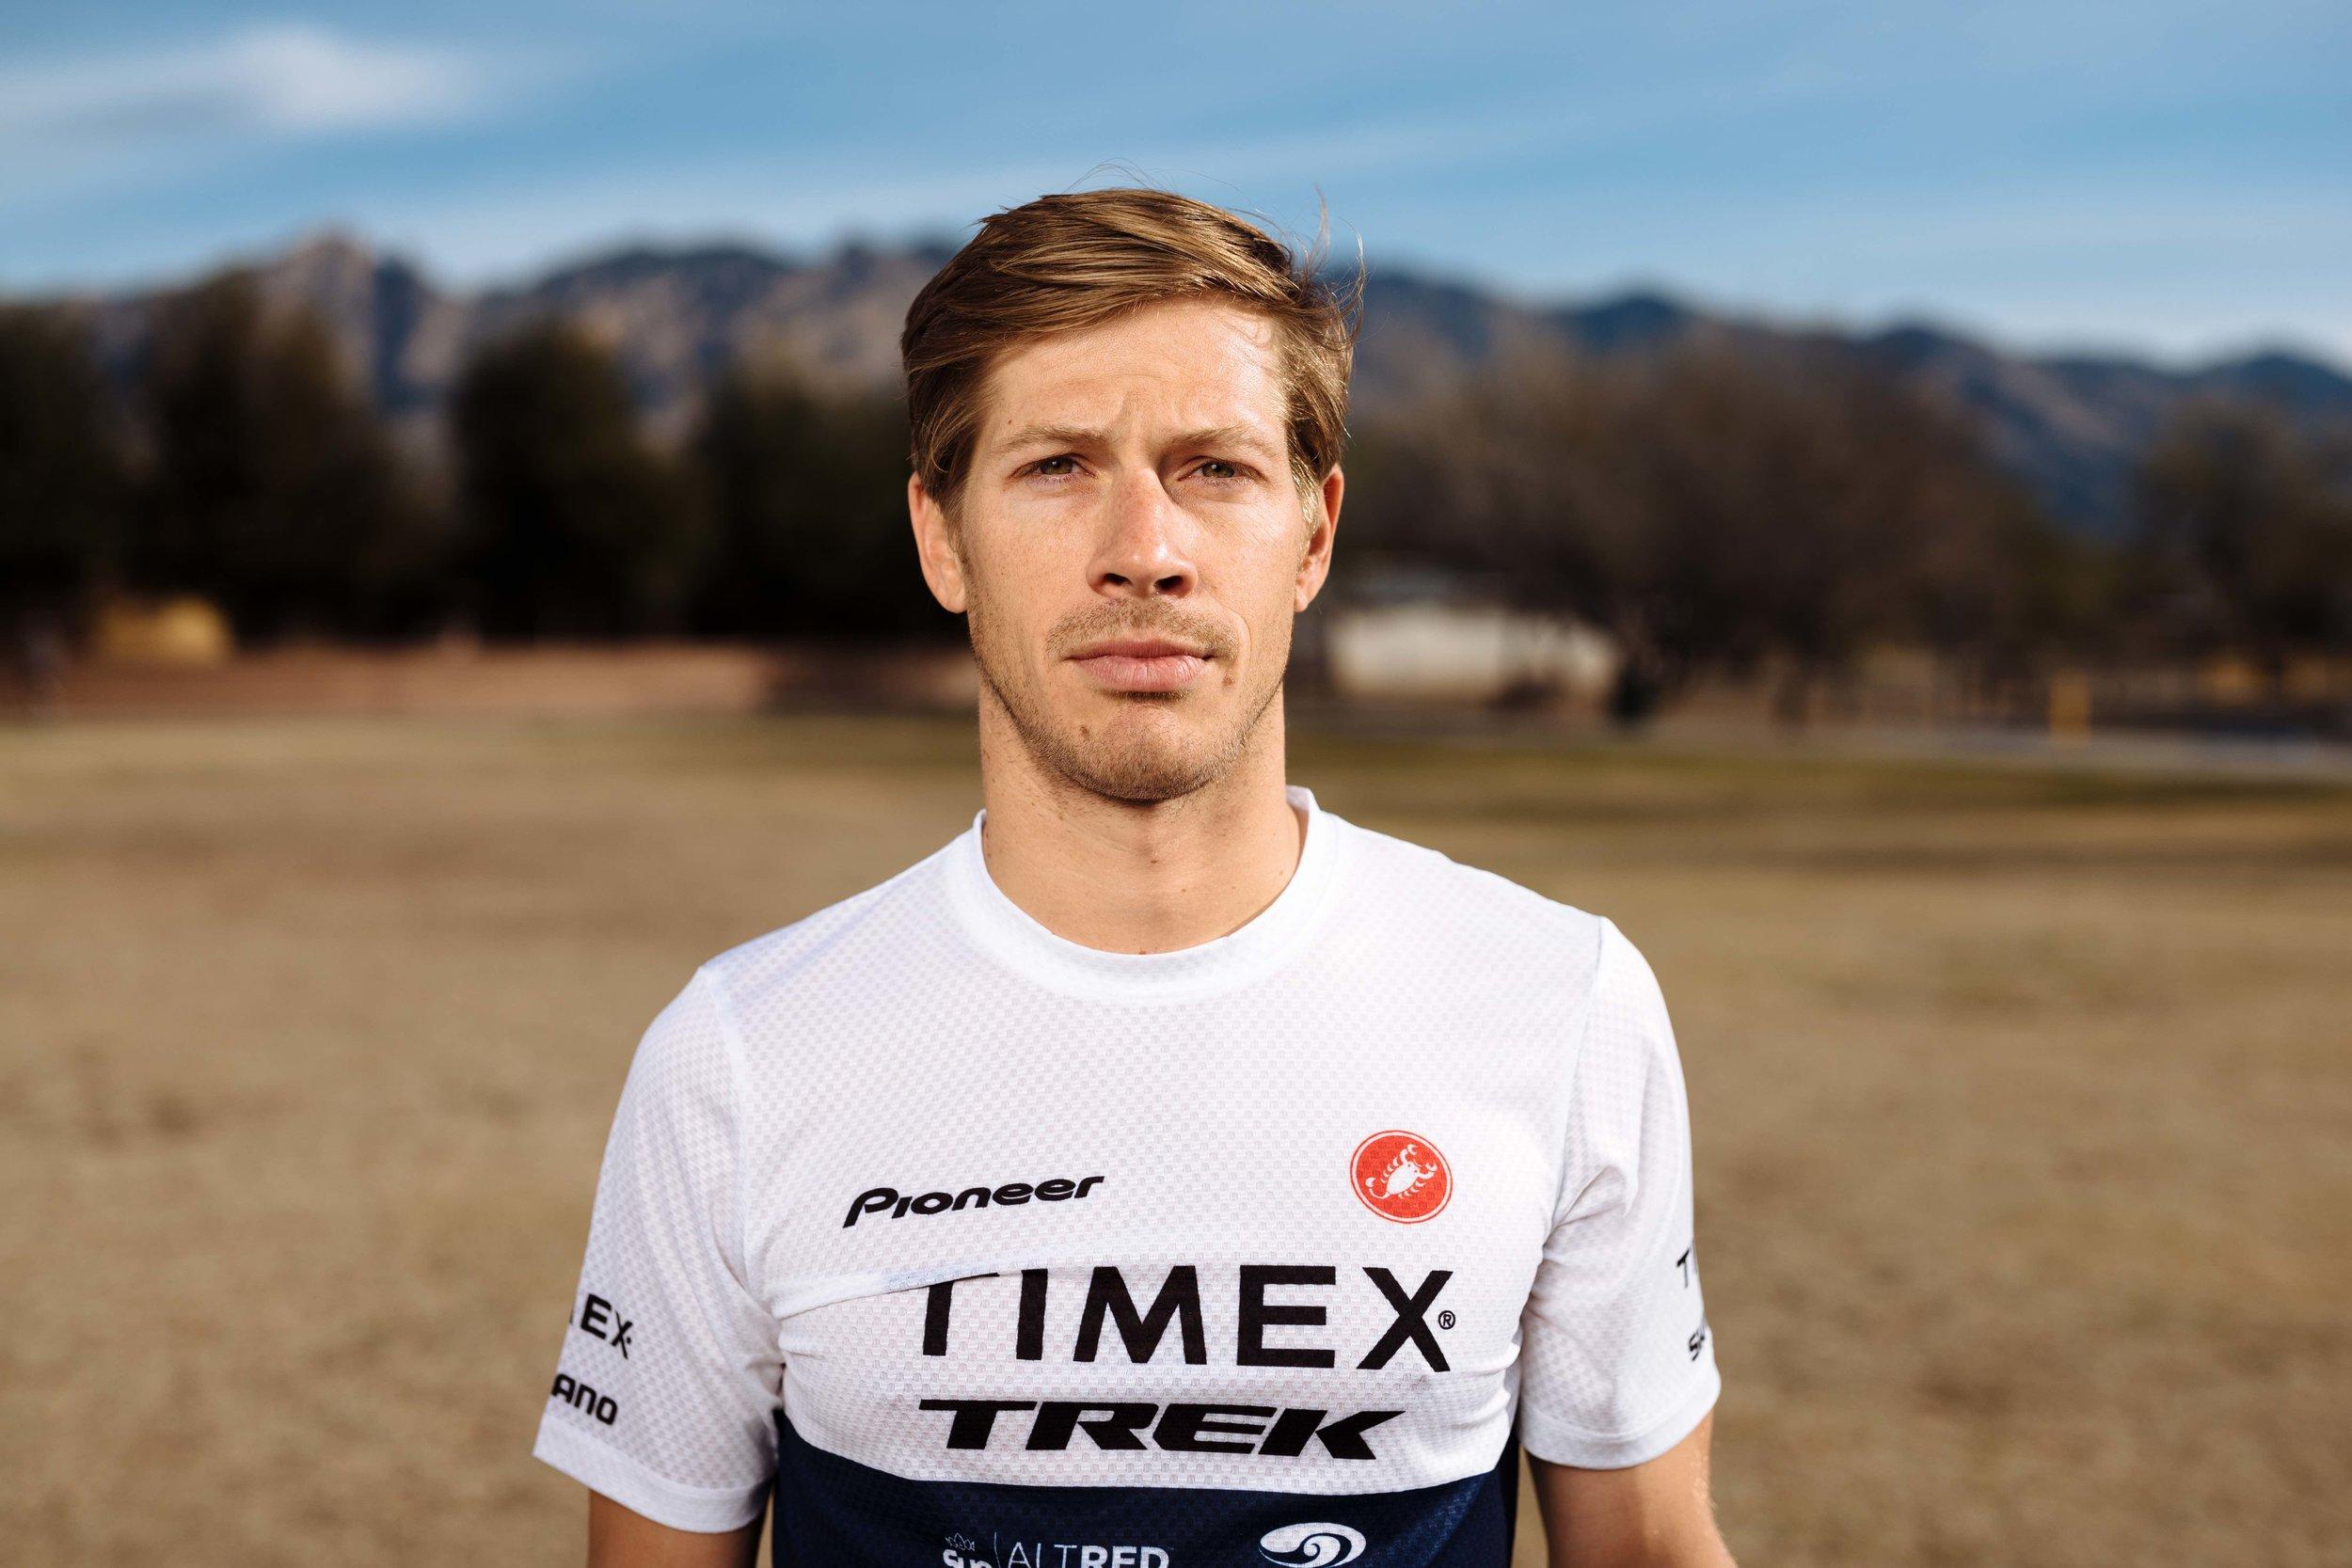 Derk De Korver - Wins Ironman Santa Rosa in 8:42:37